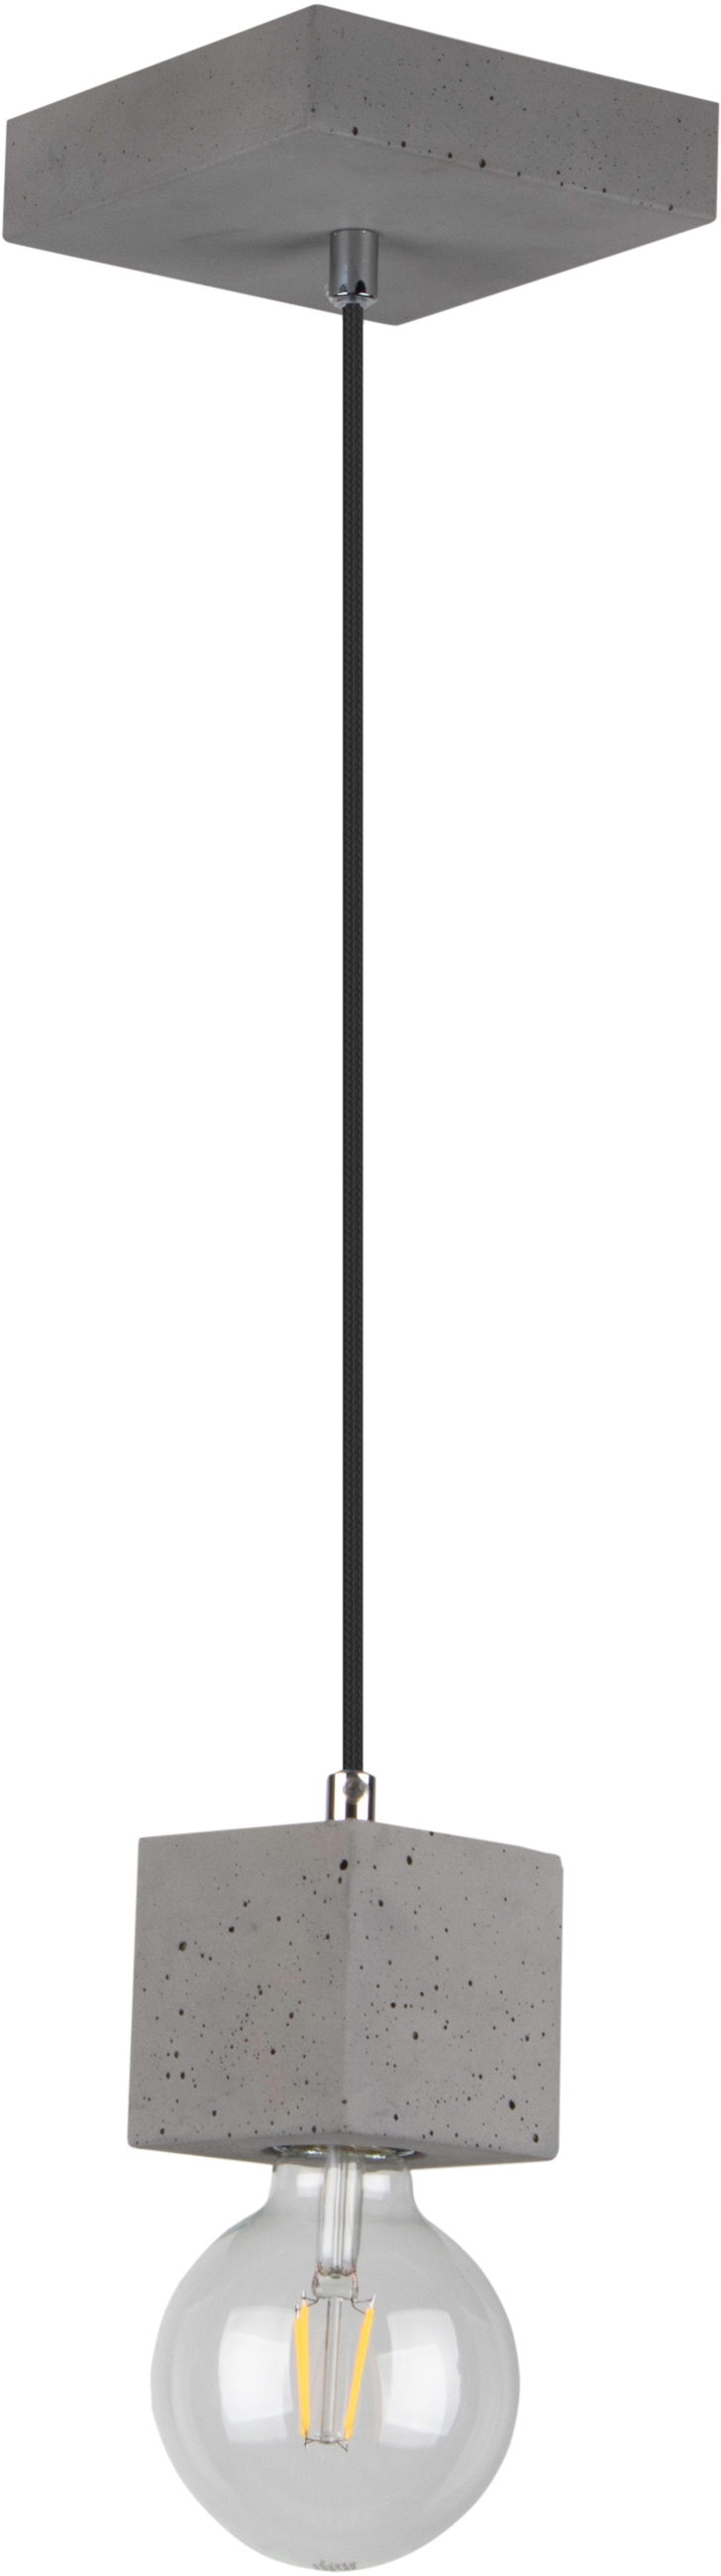 SPOT Light Pendelleuchte STRONG, E27, 1 St., Hängeleuchte, Echtes Beton - handgefertigt, Naturprodukt - Nachhaltig, Ideal für Vintage-Leuchtmittel, Made in Europe